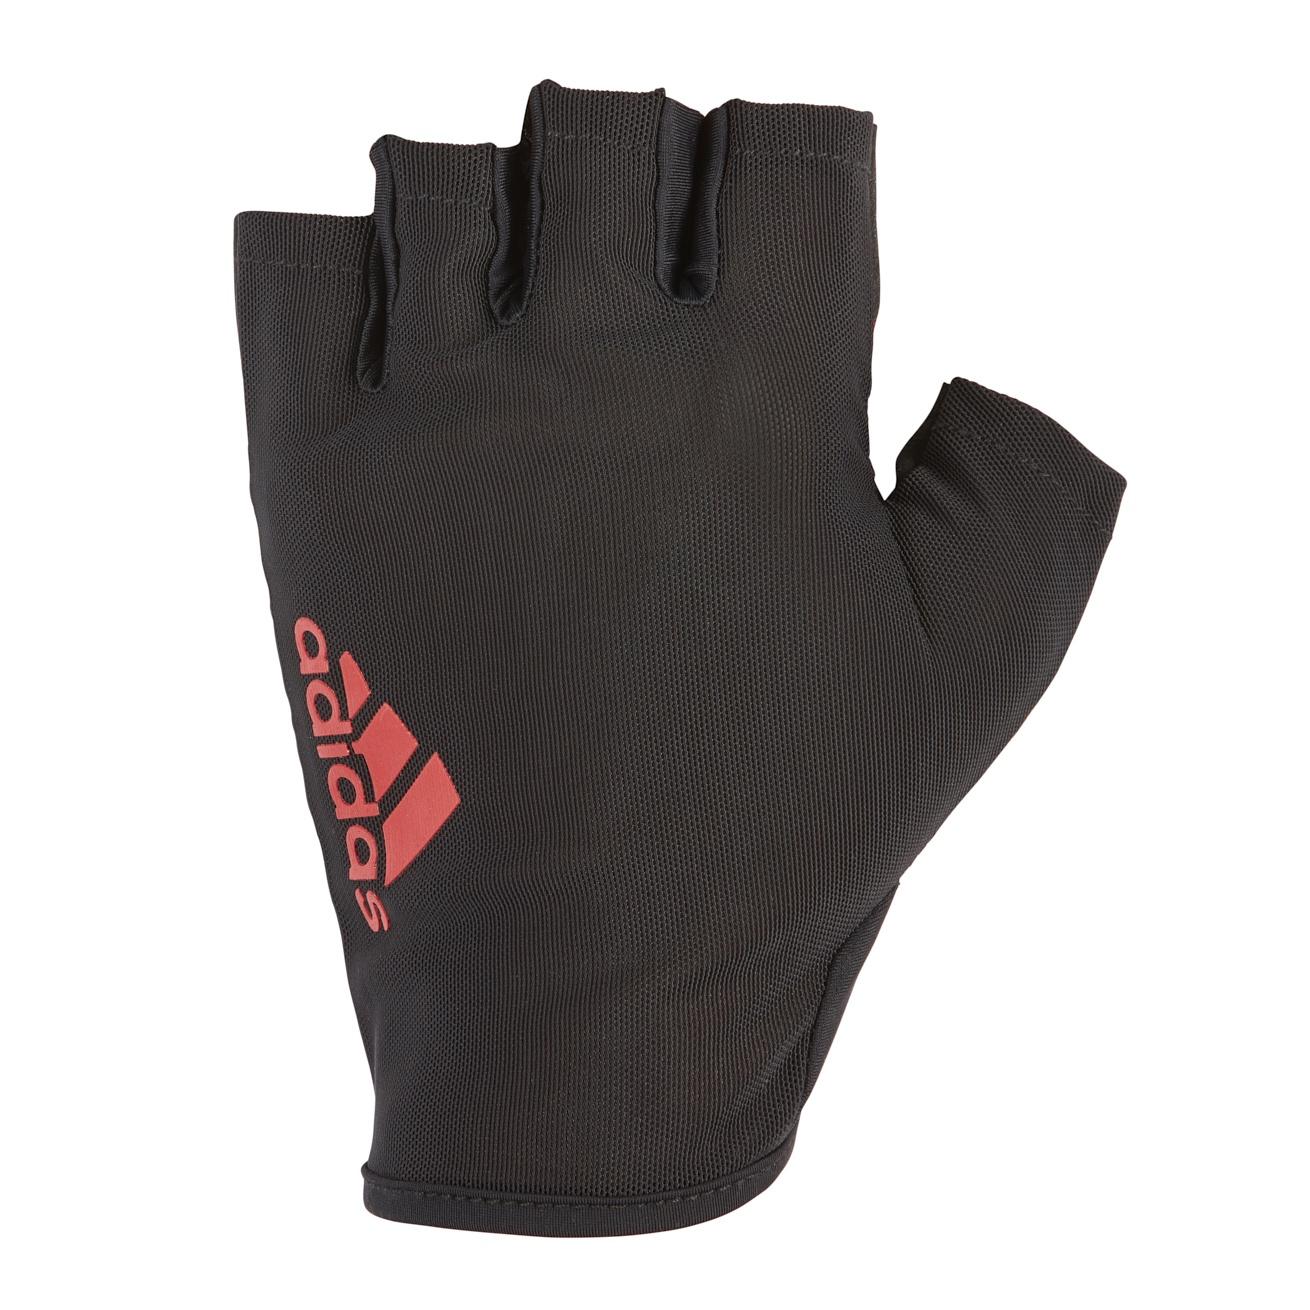 Перчатки для фитнеса Adidas ADGB-12513, красный перчатки adidas для фитнеса белые размер m adgb 12322 wh